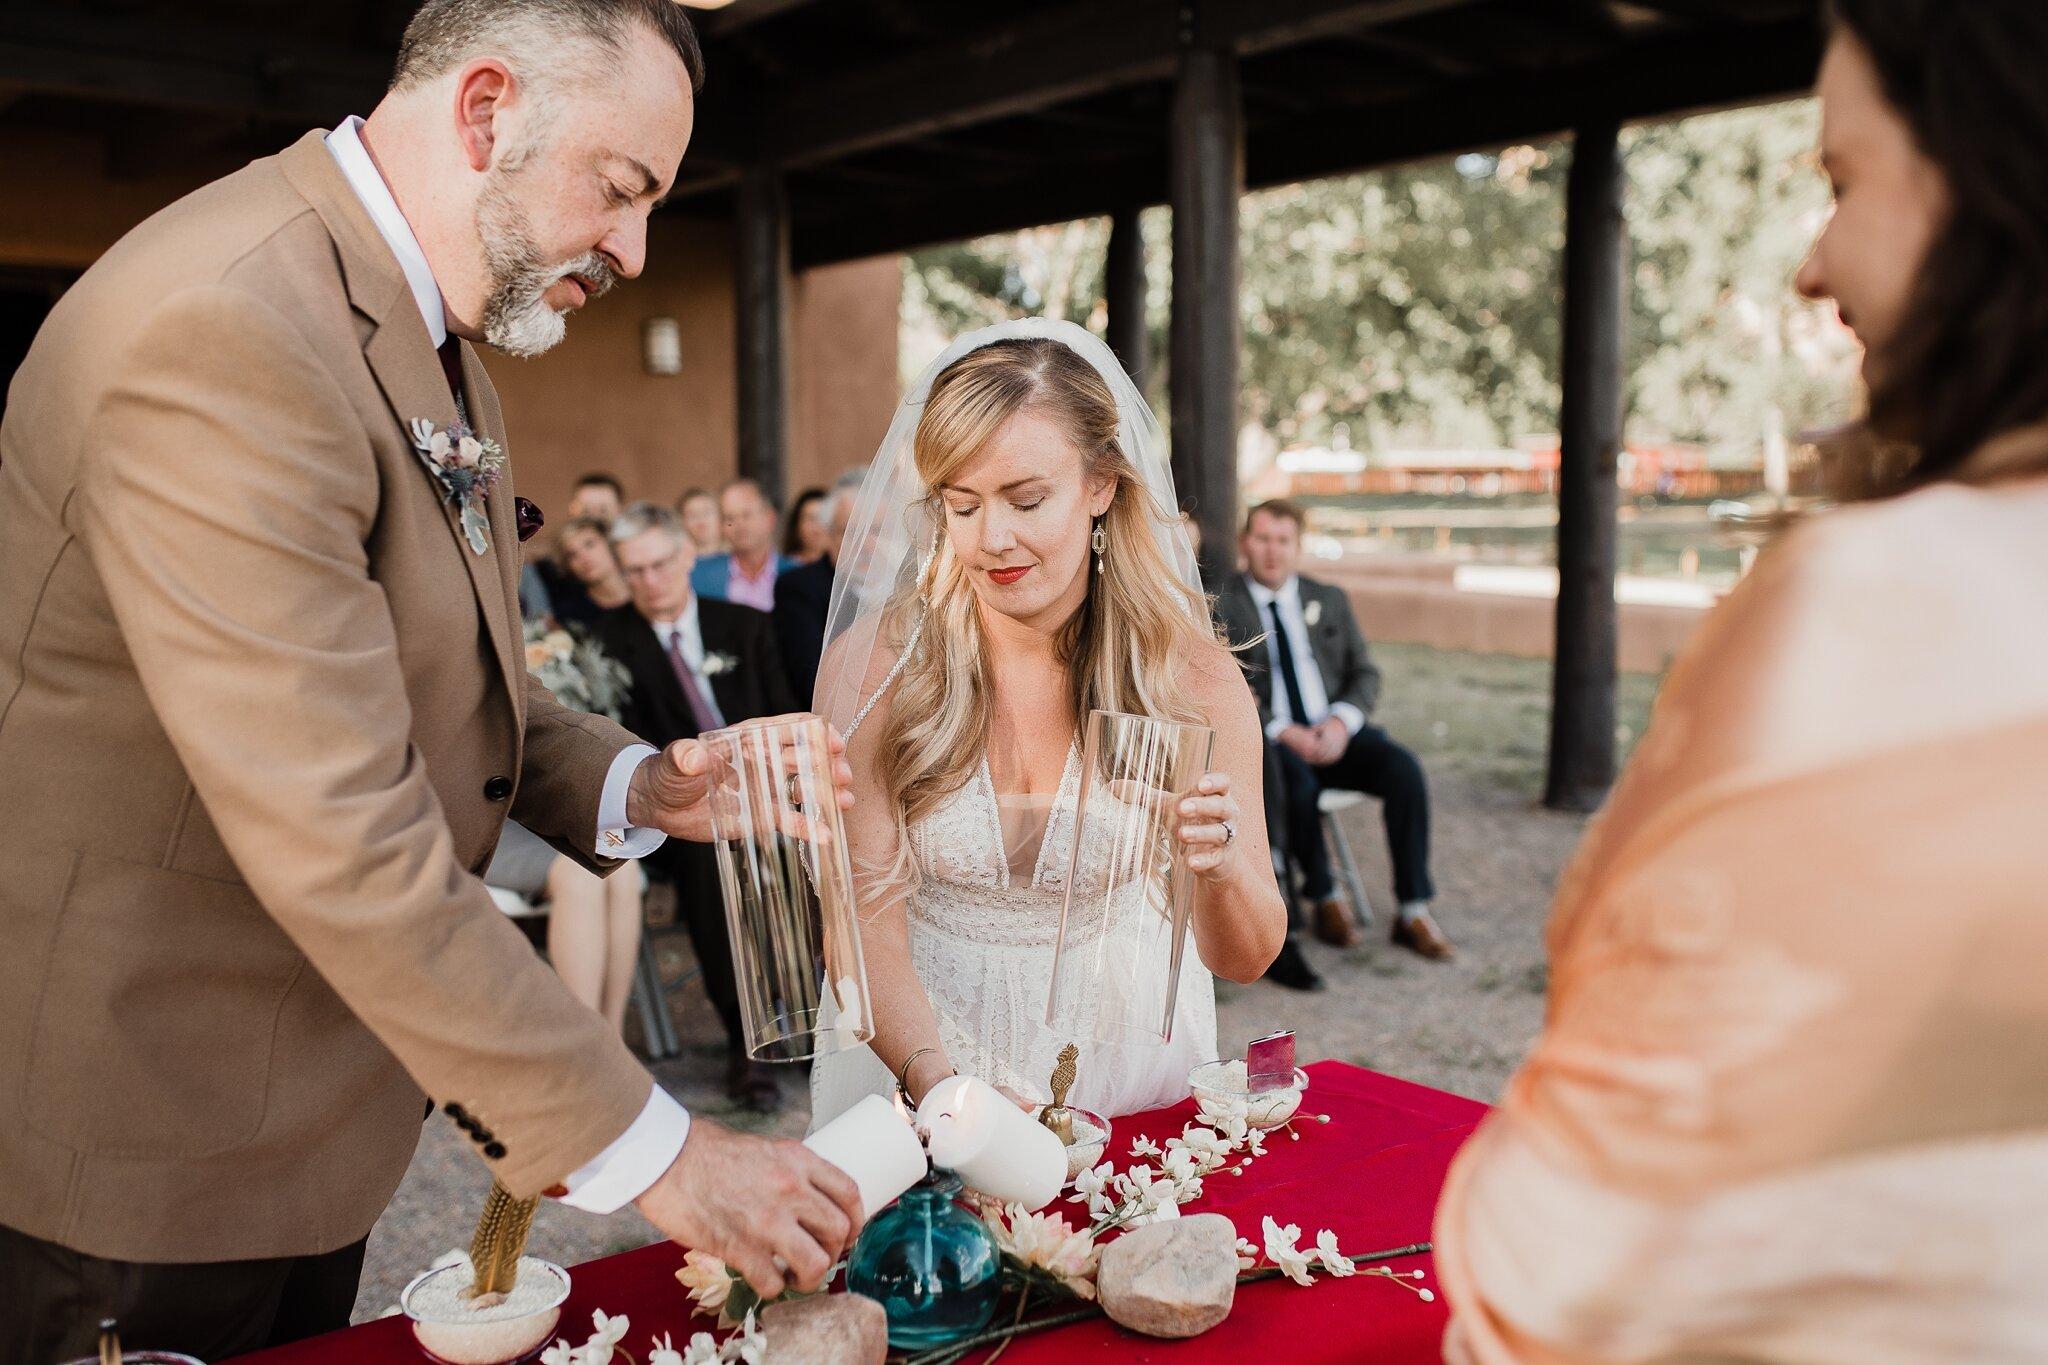 Alicia+lucia+photography+-+albuquerque+wedding+photographer+-+santa+fe+wedding+photography+-+new+mexico+wedding+photographer+-+new+mexico+wedding+-+wedding+-+santa+fe+wedding+-+ghost+ranch+-+ghost+ranch+wedding+-+fall+wedding_0036.jpg